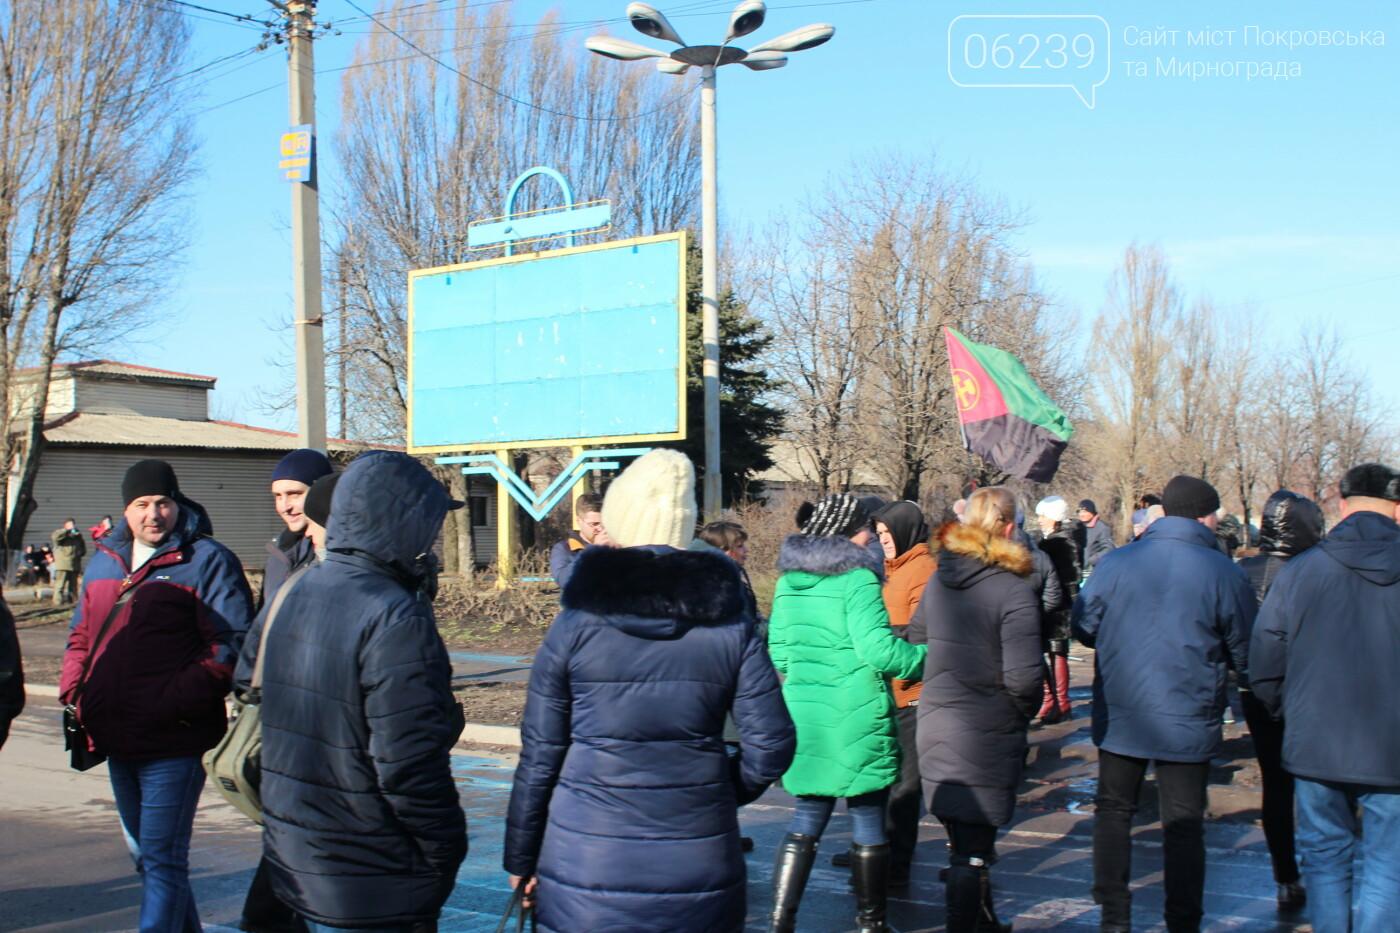 В Мирнограде горняки снова вышли на акцию протеста, на этот раз перекрыли 2 главные улицы города , фото-7